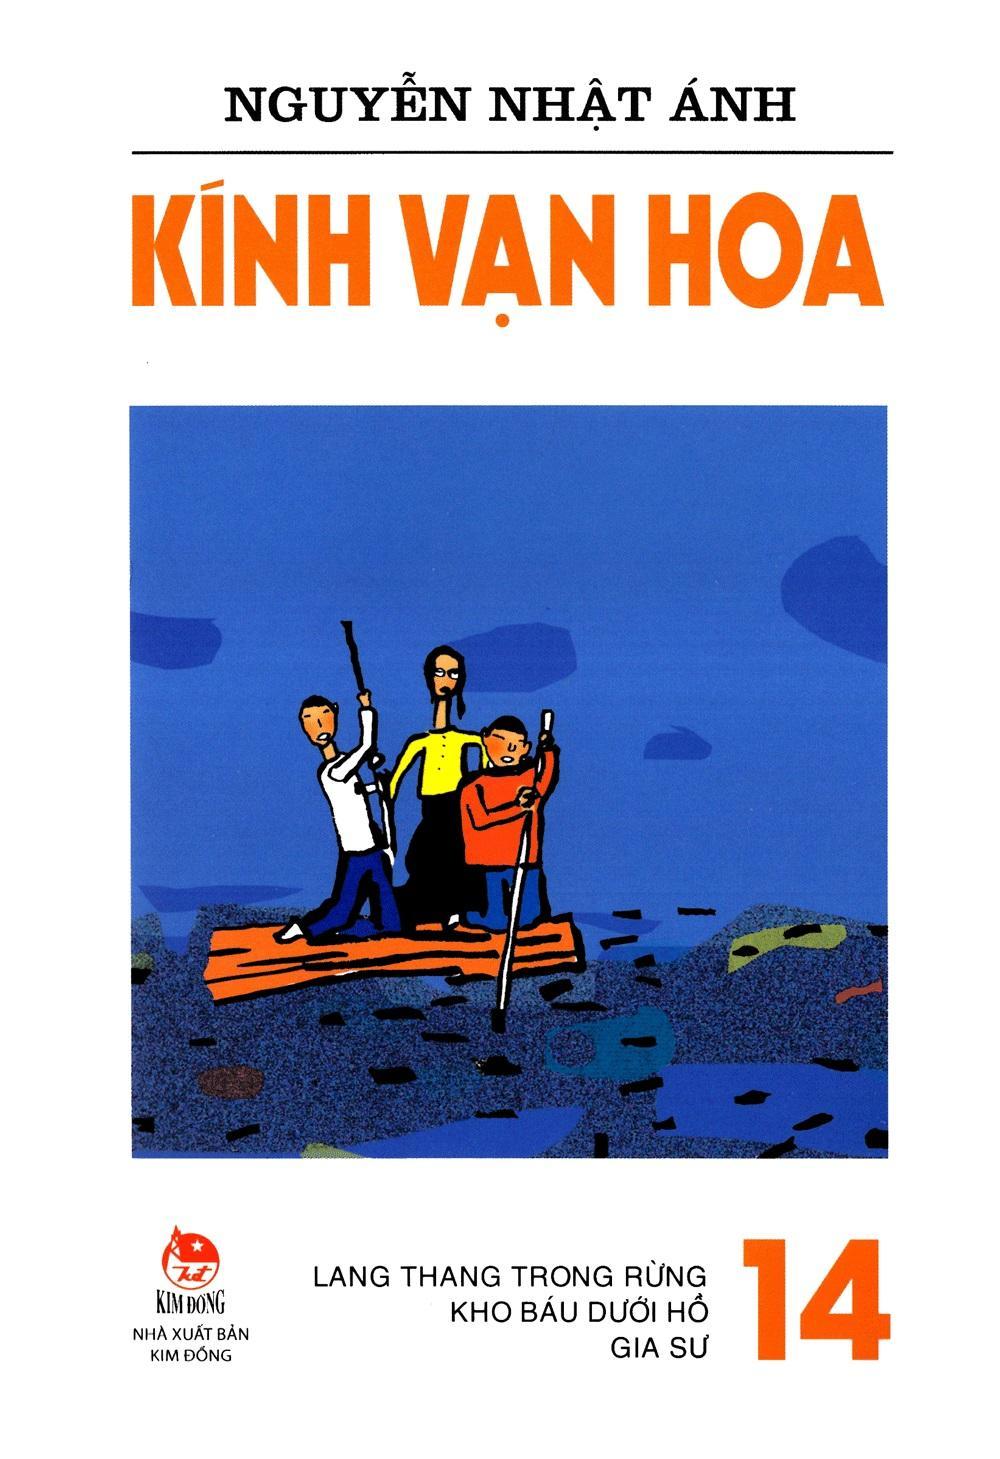 Mua Kính Vạn Hoa (Phiên Bản 18 Tập) - Tập 14 - Lang Thang Trong Rừng - Kho Báu Dưới Hồ - Gia Sư